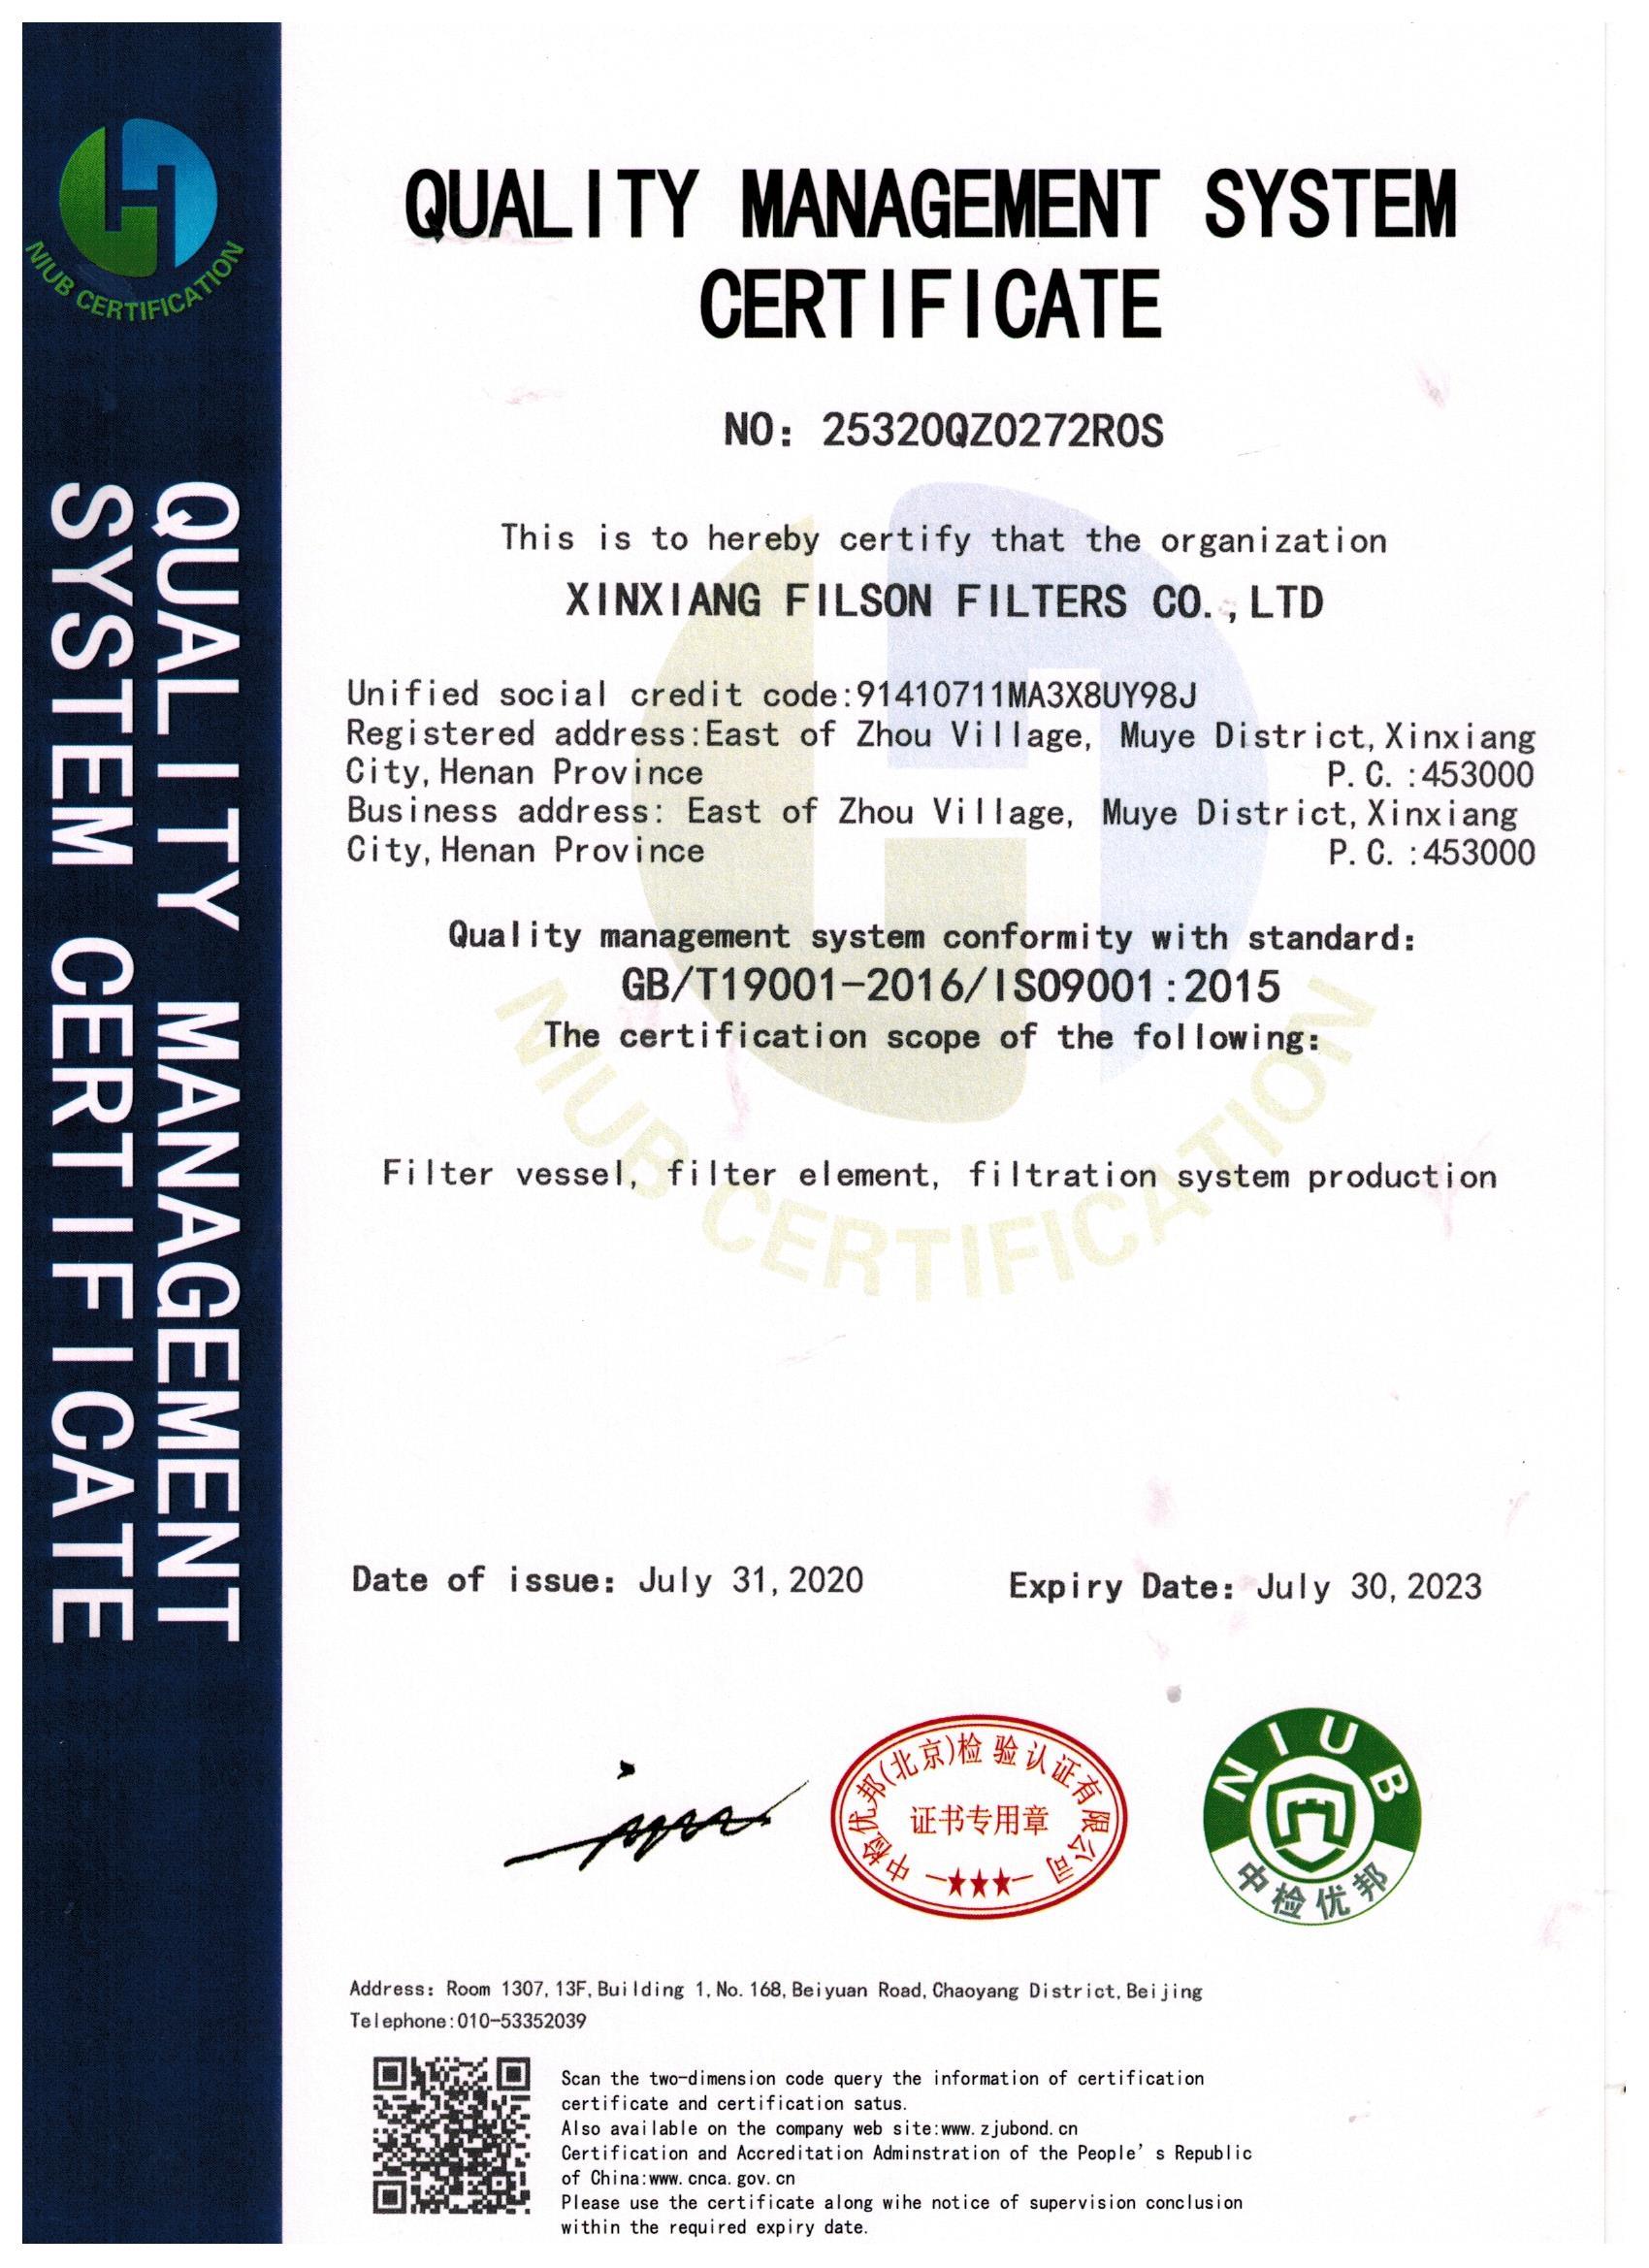 Filson filter SGS Certification